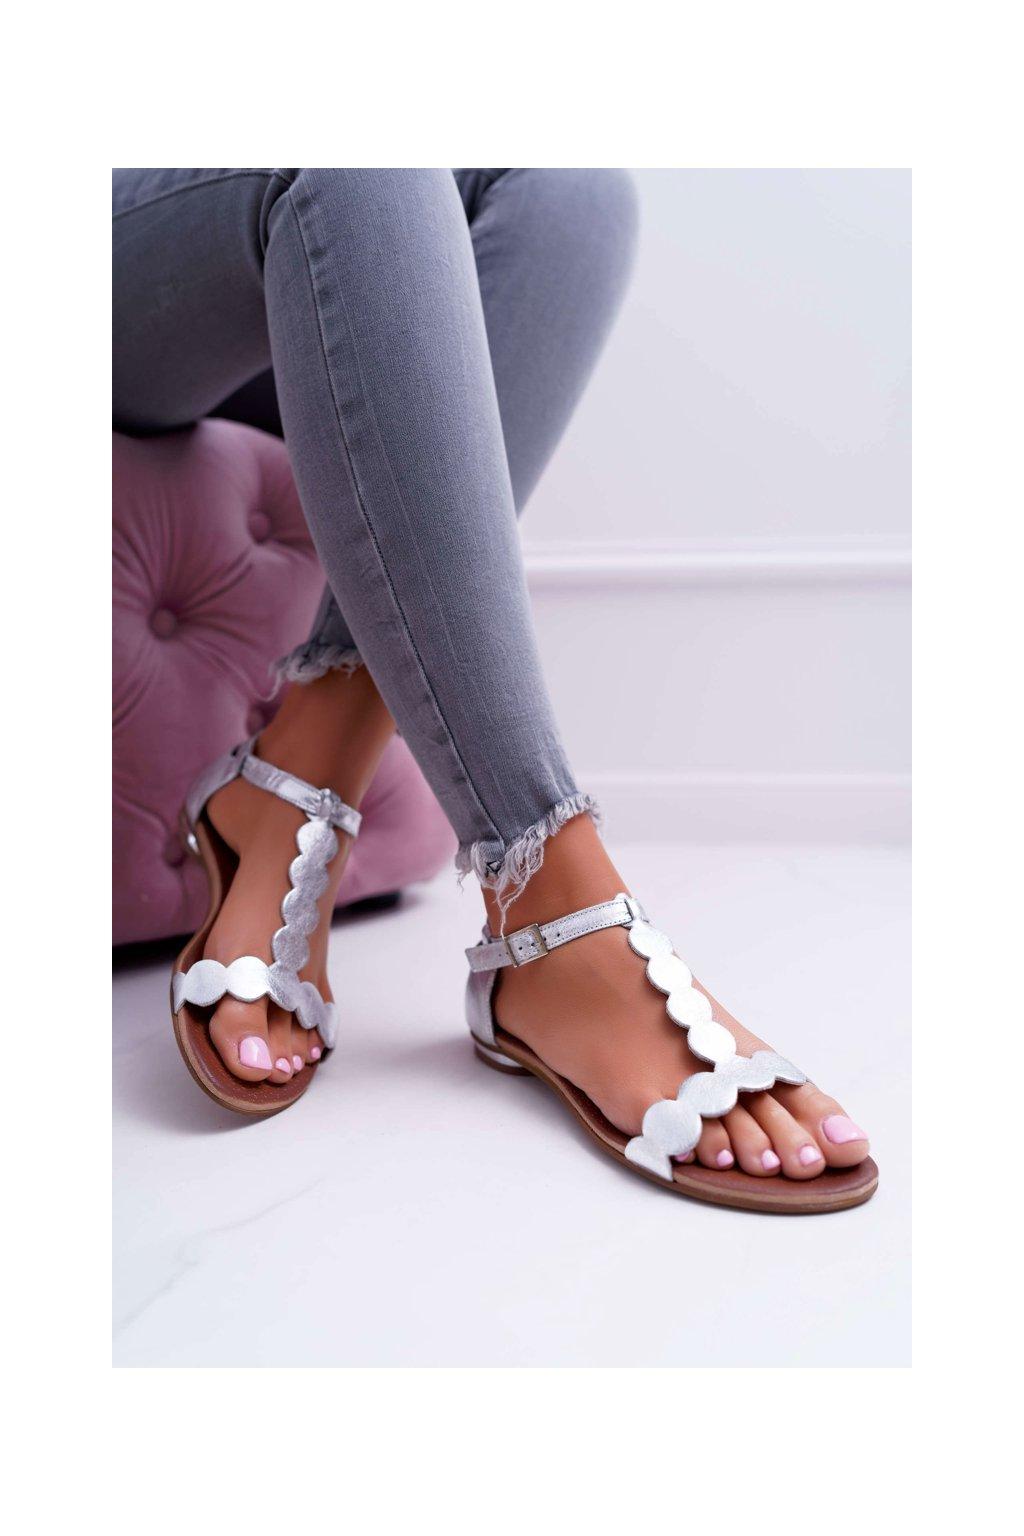 Dámske kožené Sandále strieborné Nicole 2403 Melbourne